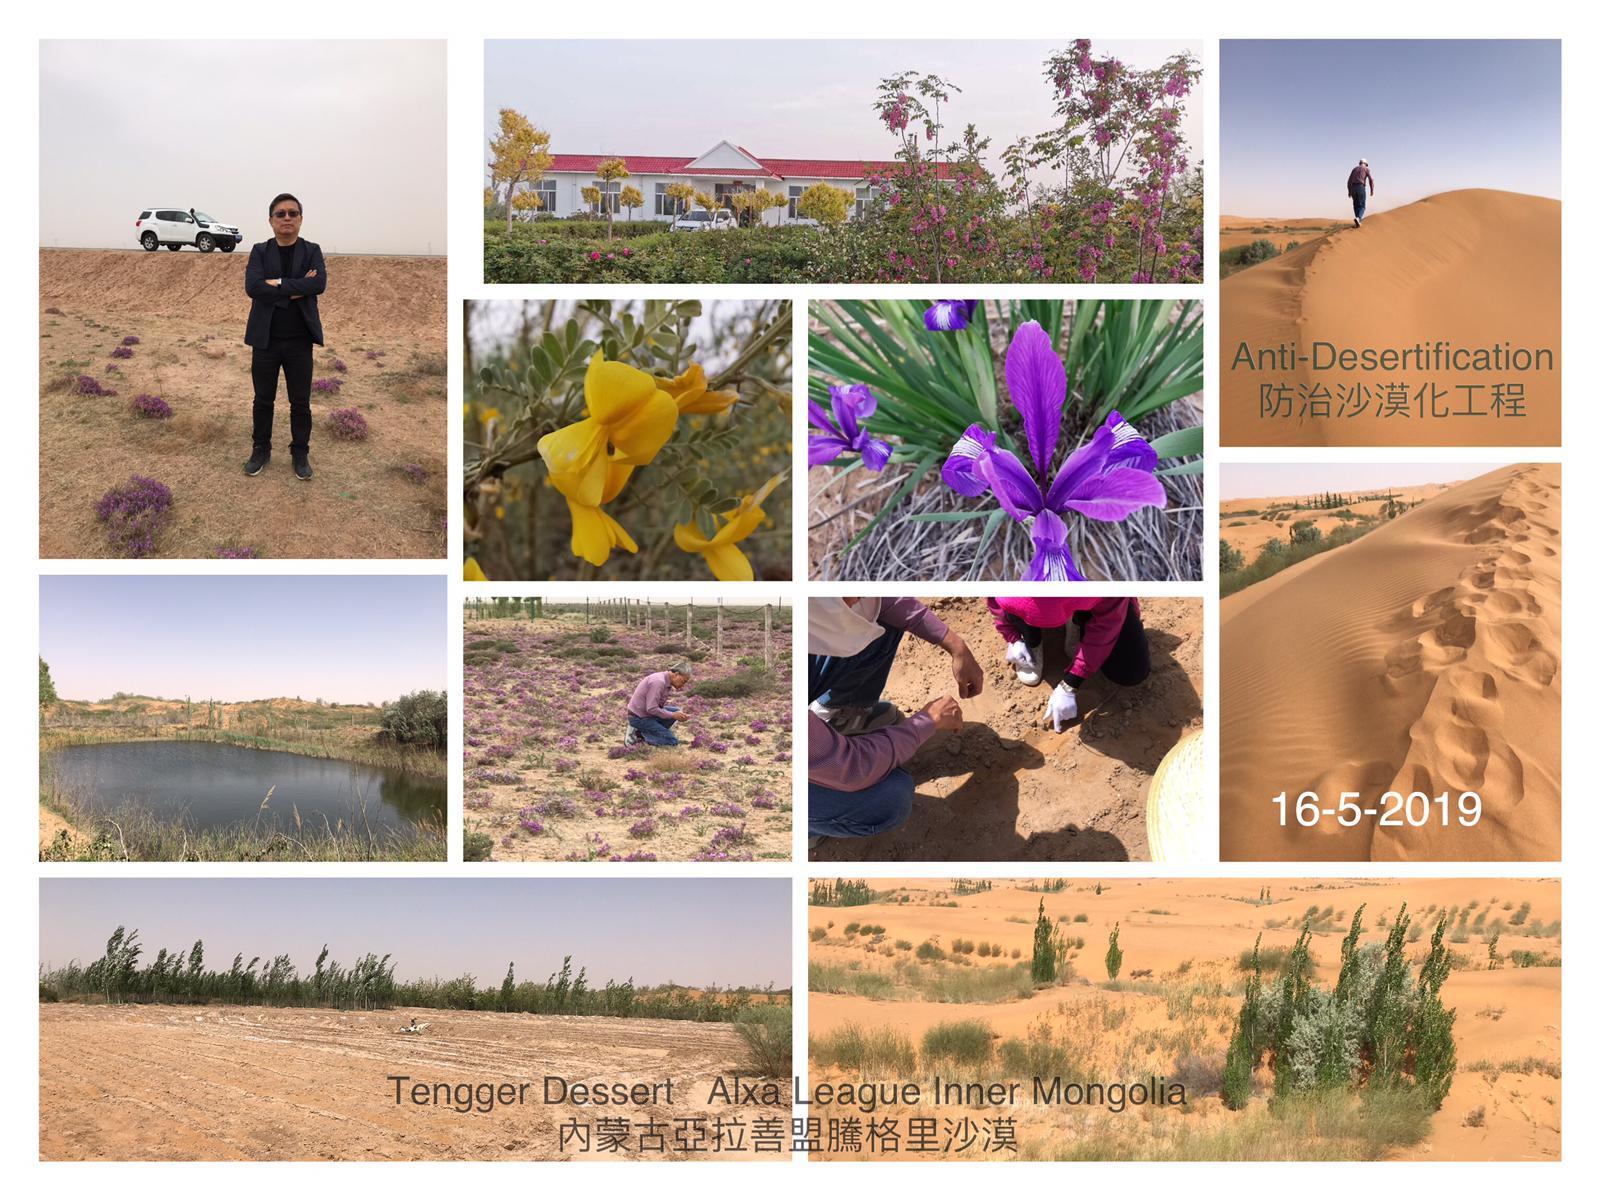 林家強博參觀-內蒙古拉善盟騰格里沙漠